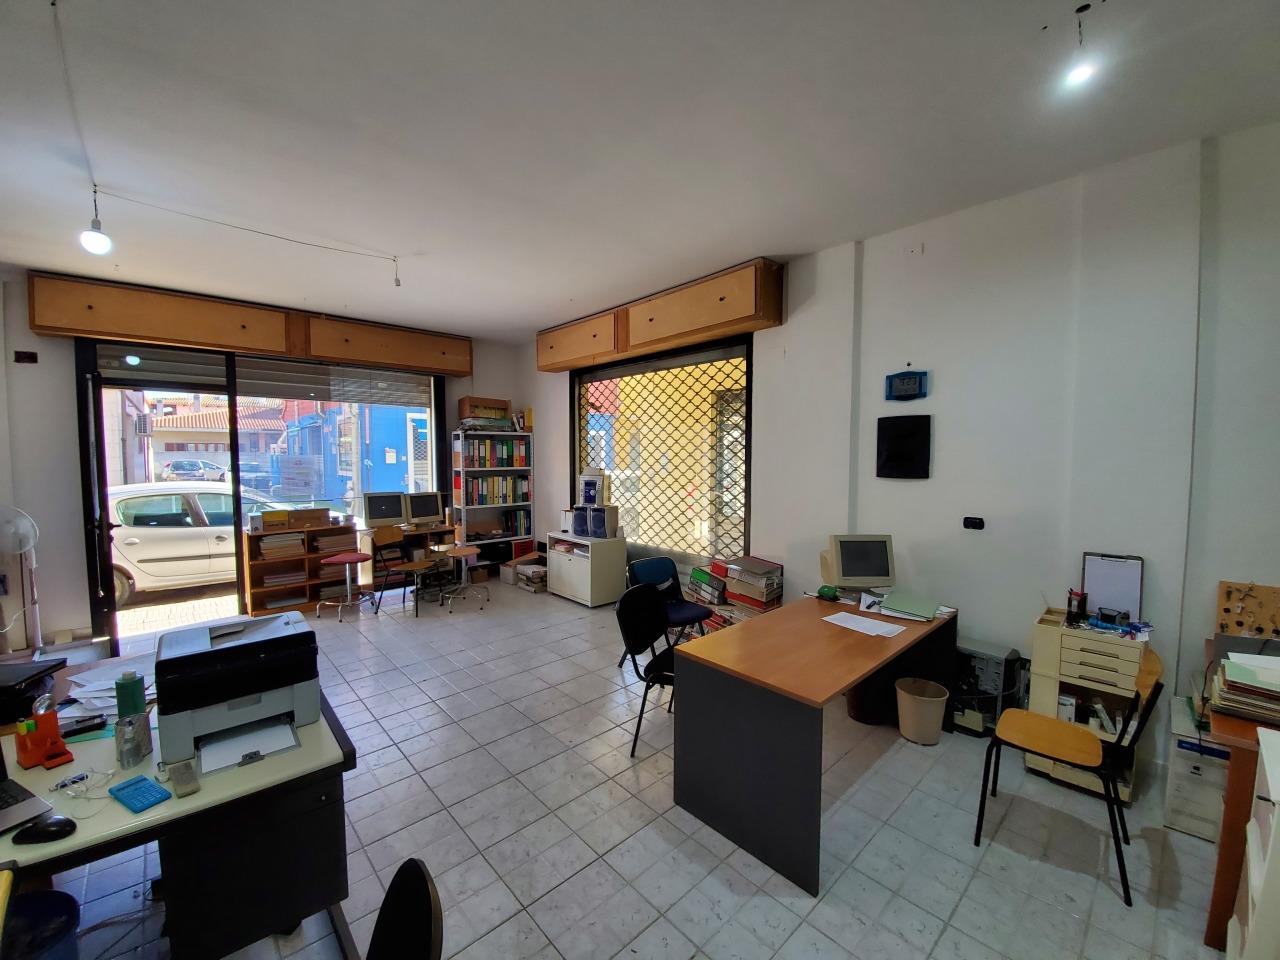 Negozio / Locale in affitto a Uta, 1 locali, prezzo € 500 | CambioCasa.it